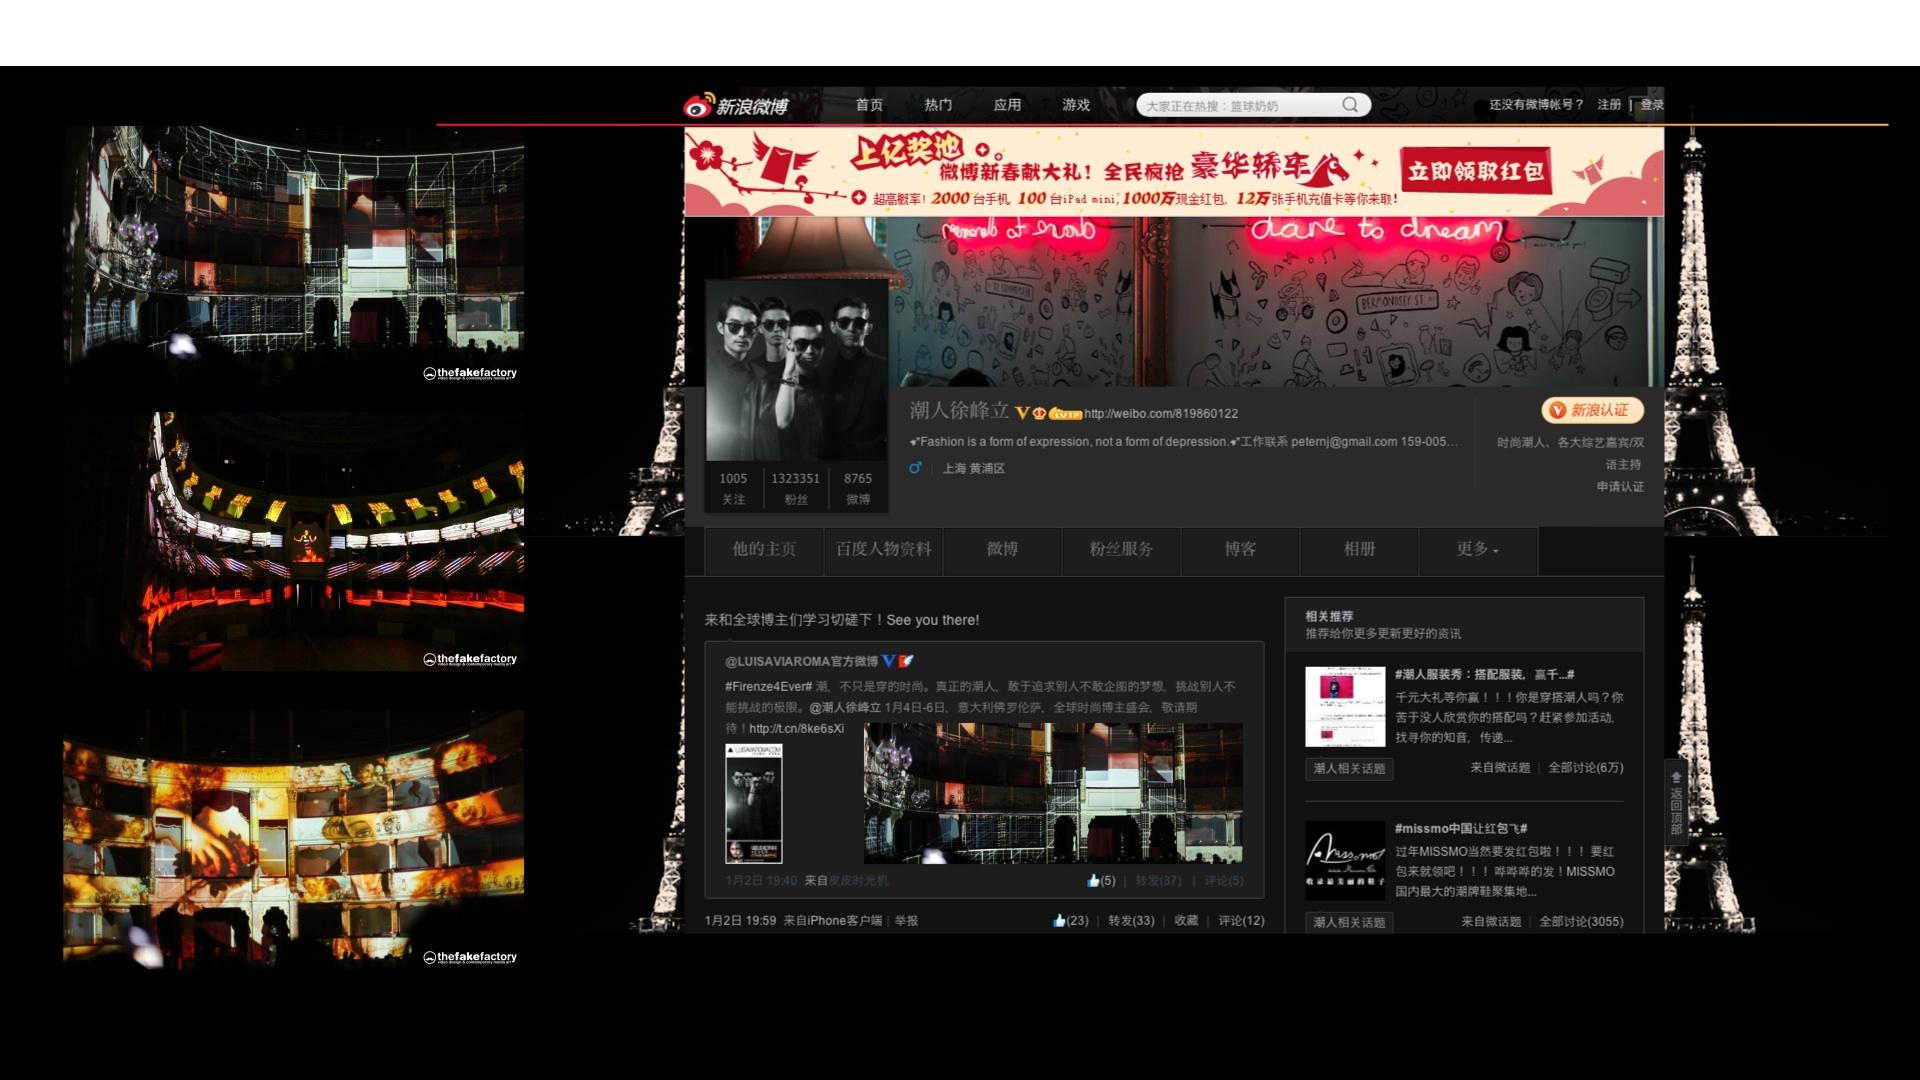 FIRENZE4EVER 3D VIDEOMAPPING 6